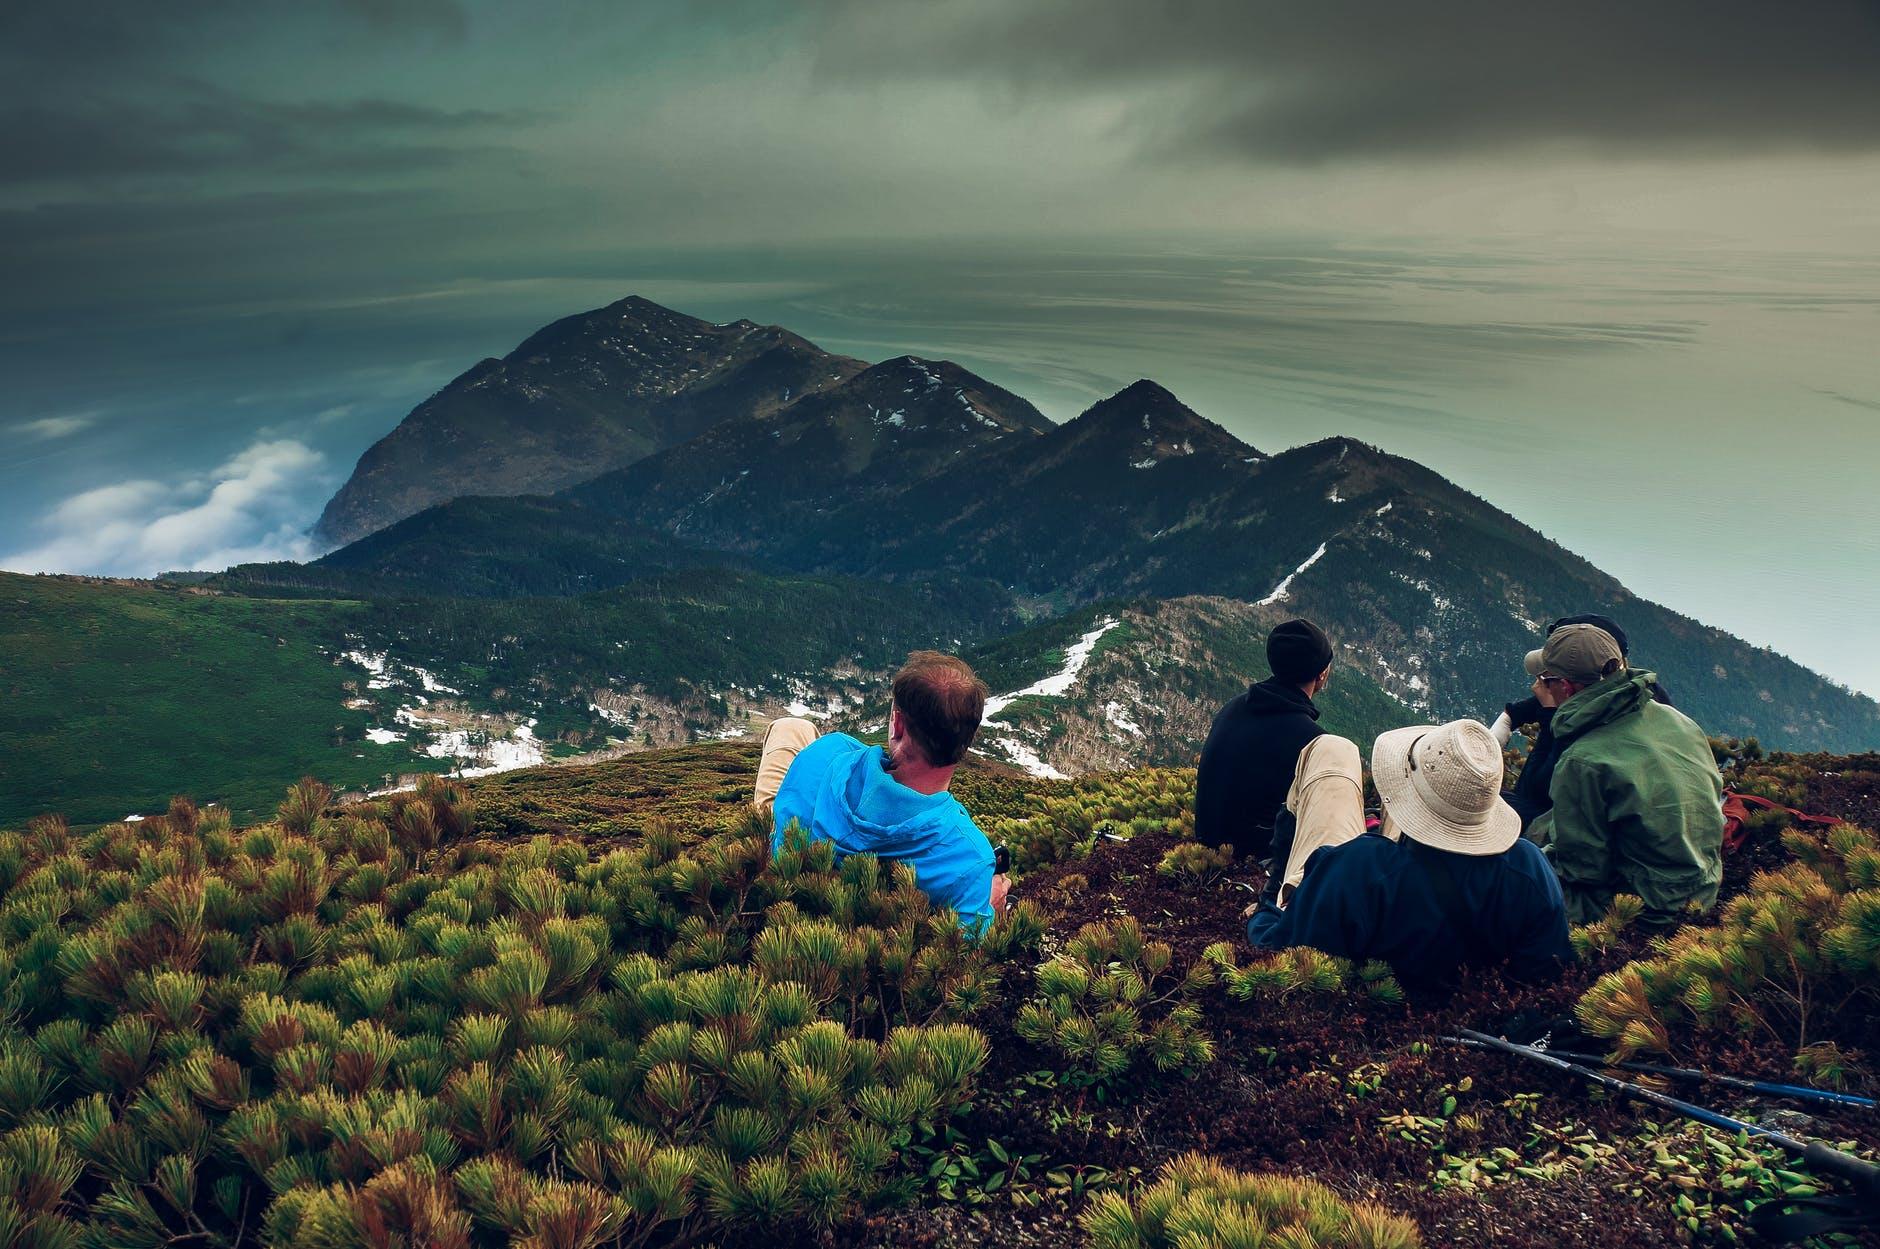 scalatori, viaggiare con lentezza, viaggio lento, viaggiare, scalare, trekking, gita, escursione